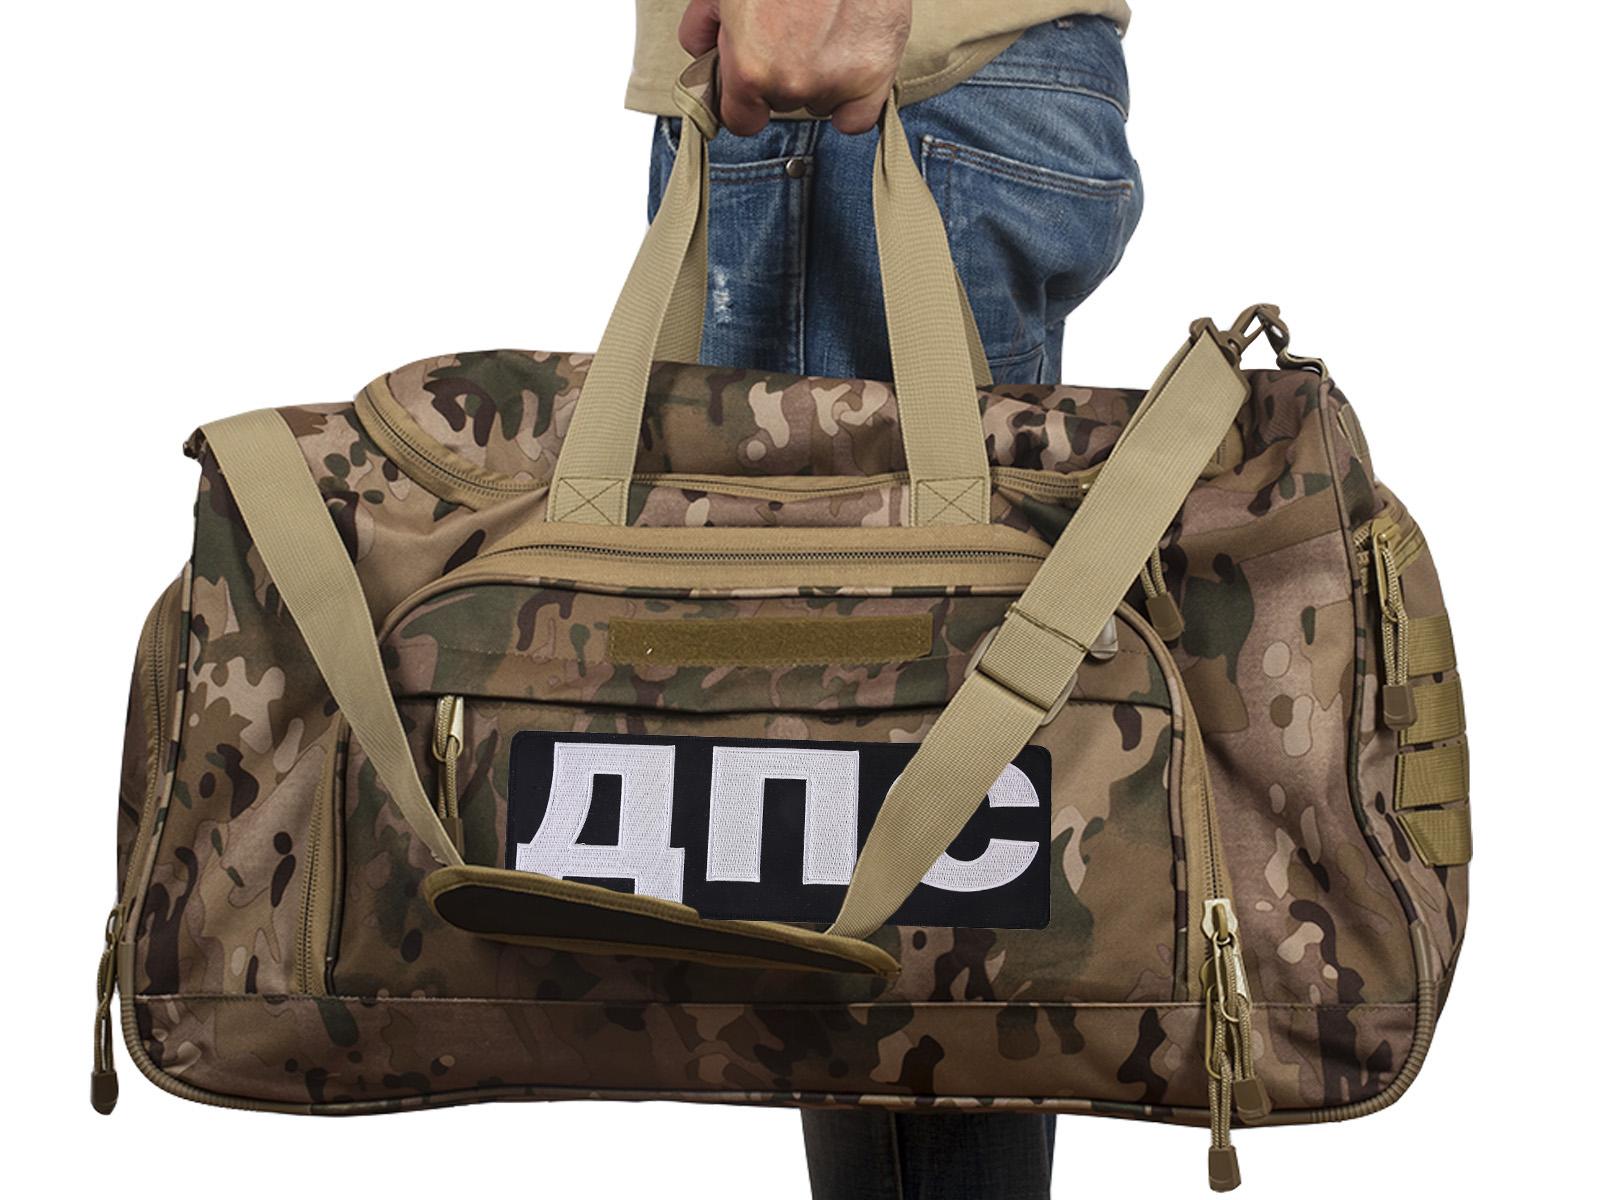 Купить камуфляжную тревожную сумку 08032B с нашивкой ДПС по выгодной цене